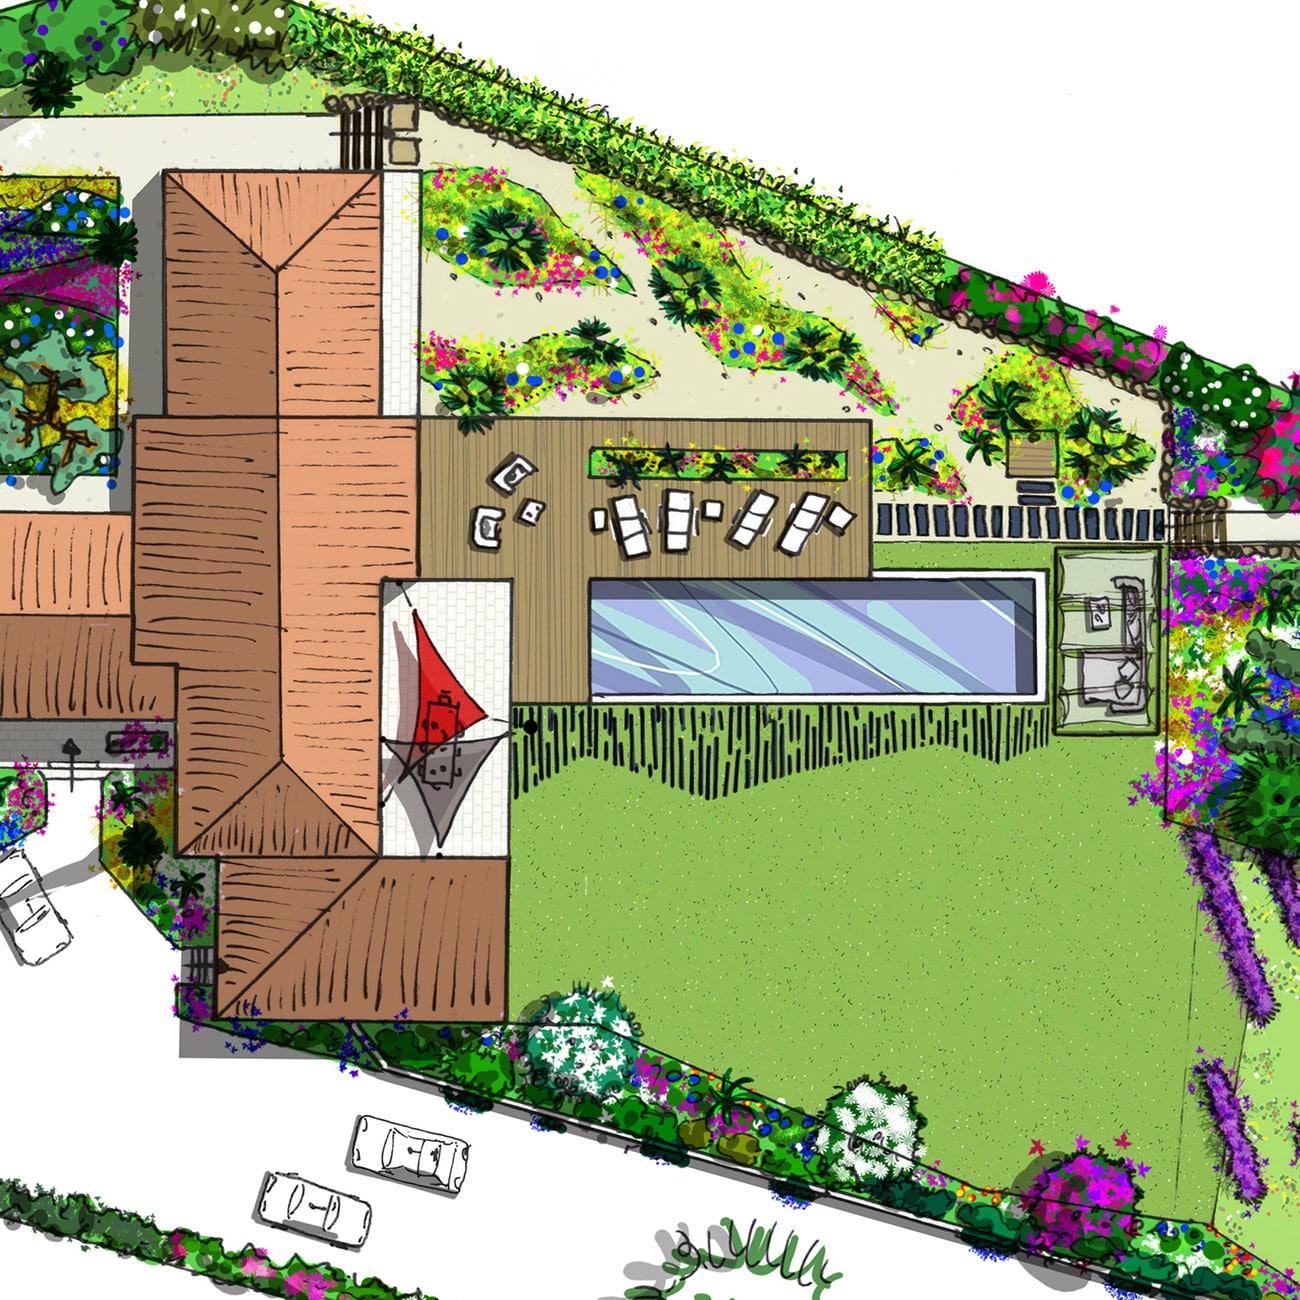 Atelier Naudier - Architecte paysagiste concepteur - Montpellier & Aix en Provence -Projet Aix en Provence 1 - aménagement jardin